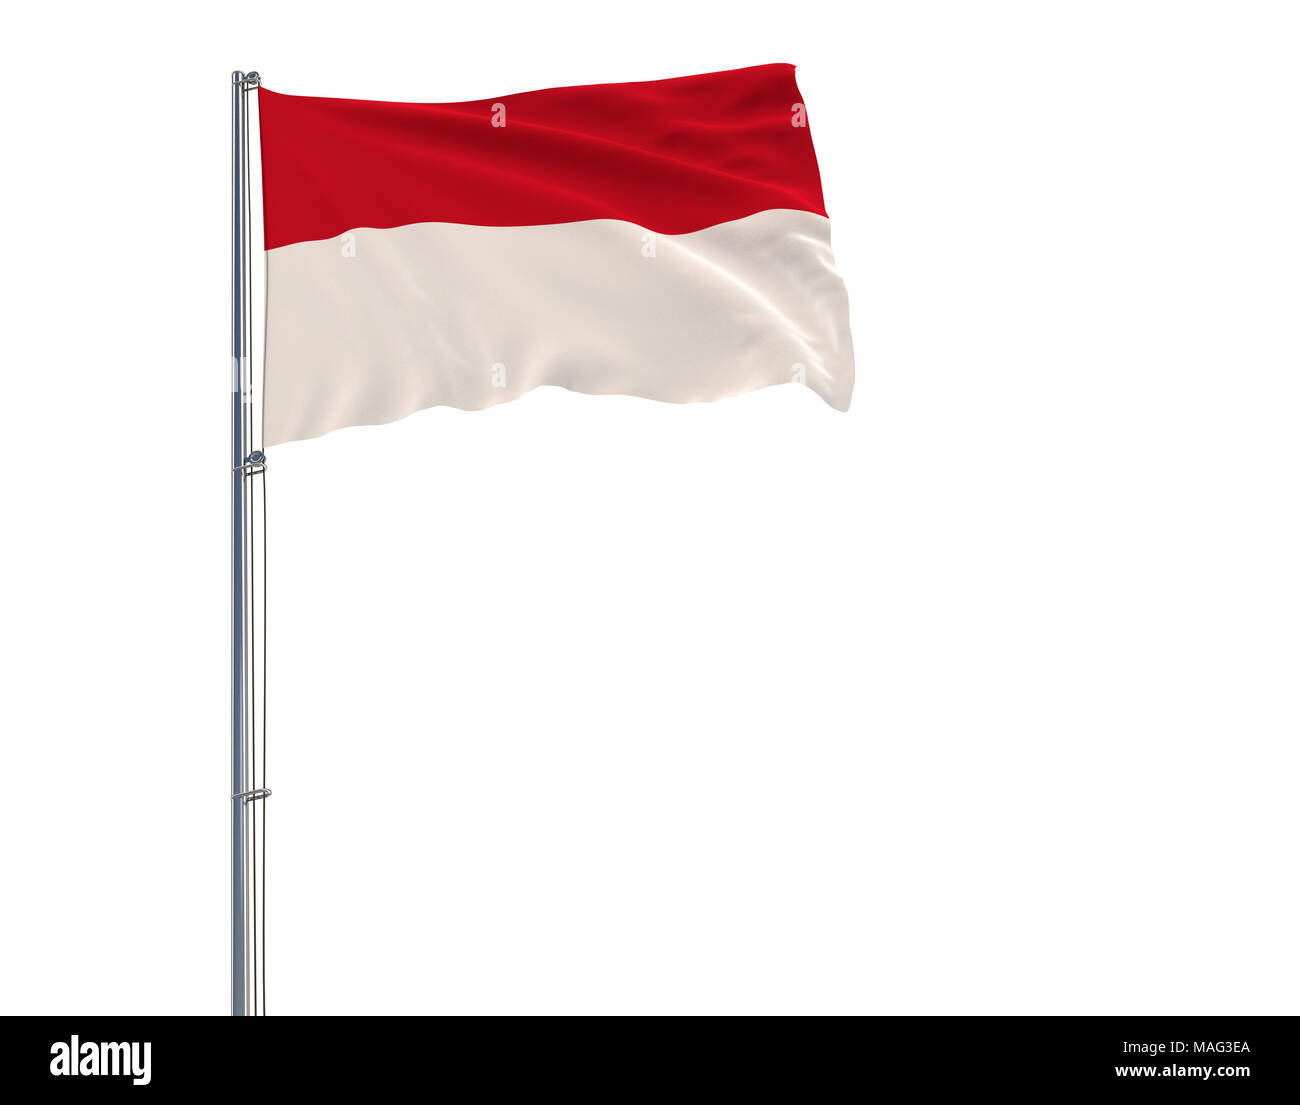 Ziemlich Amerikanische Flaggenfarbseite Galerie - Malvorlagen Ideen ...